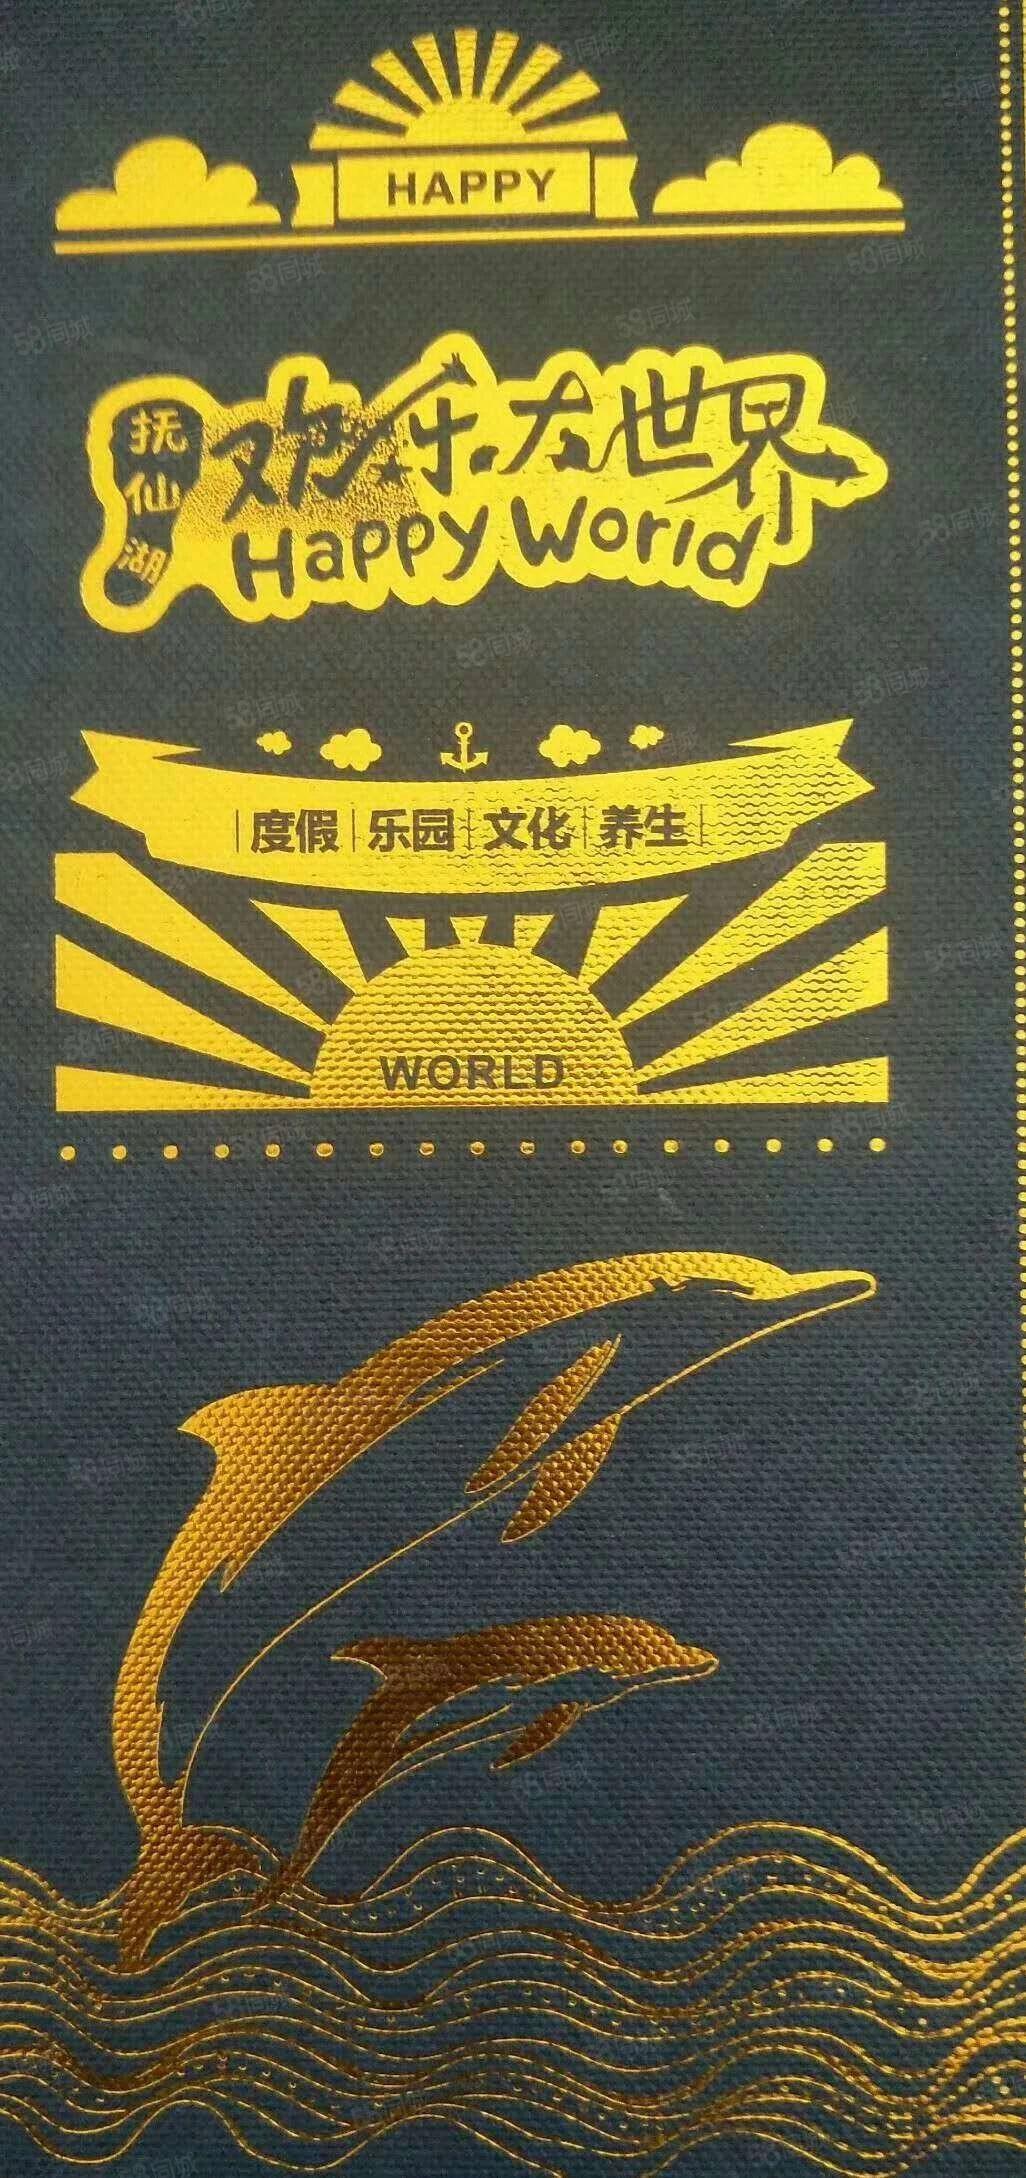 广龙抚海湾(澄川线)欢乐大世界广龙小镇一手房